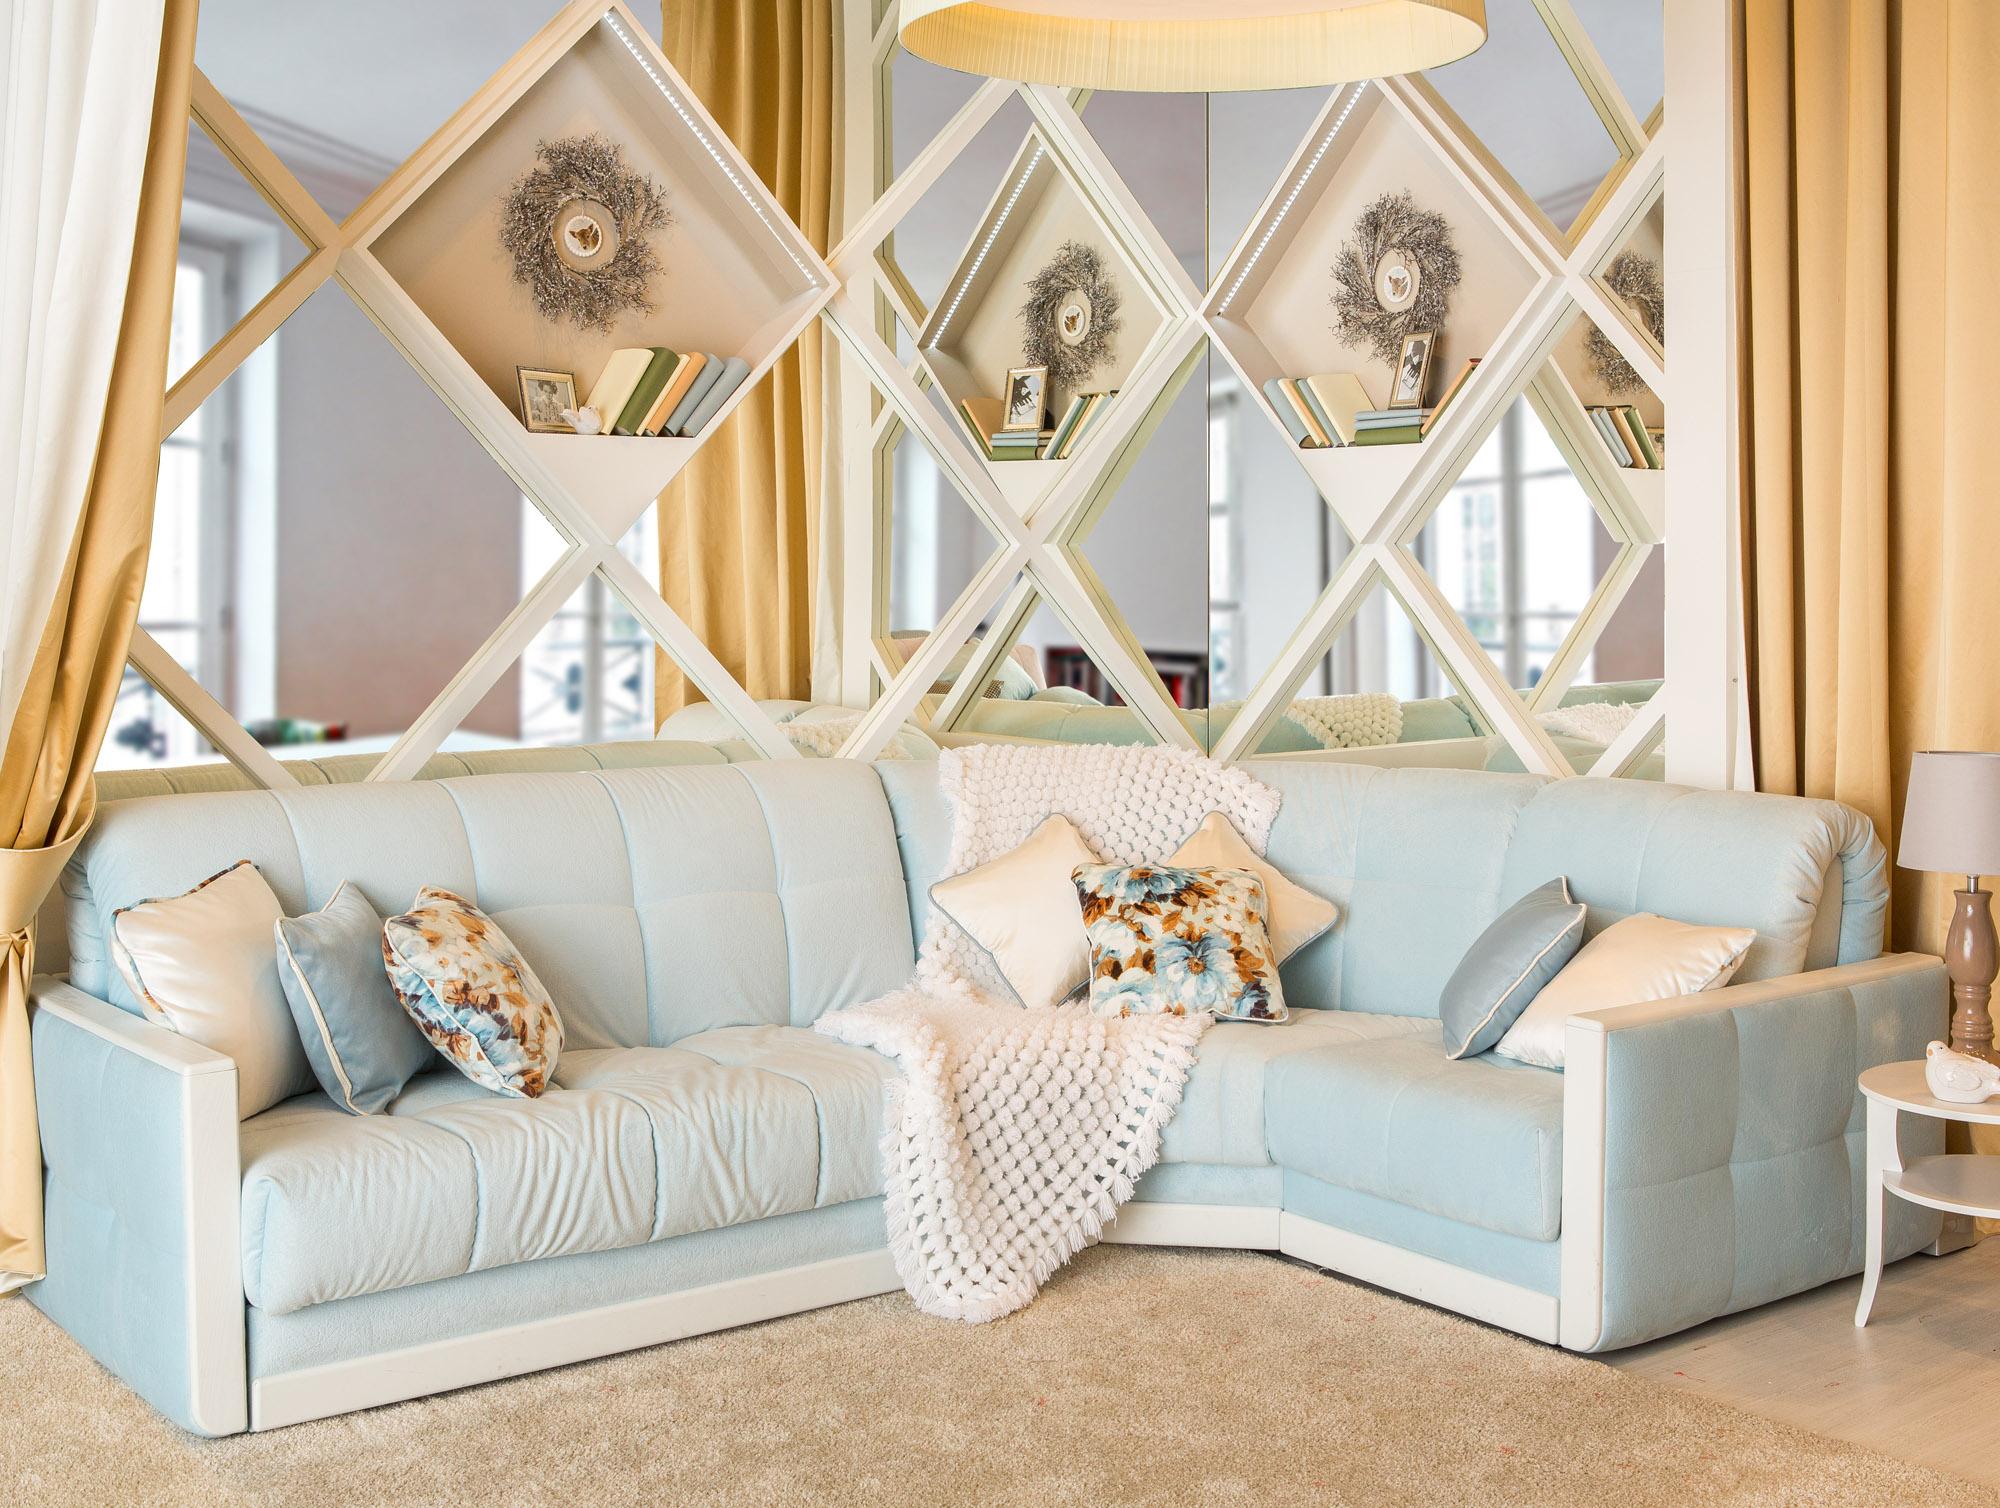 Eckmöbel für das Wohnzimmer (35 Fotos): weiche halbrunde ...